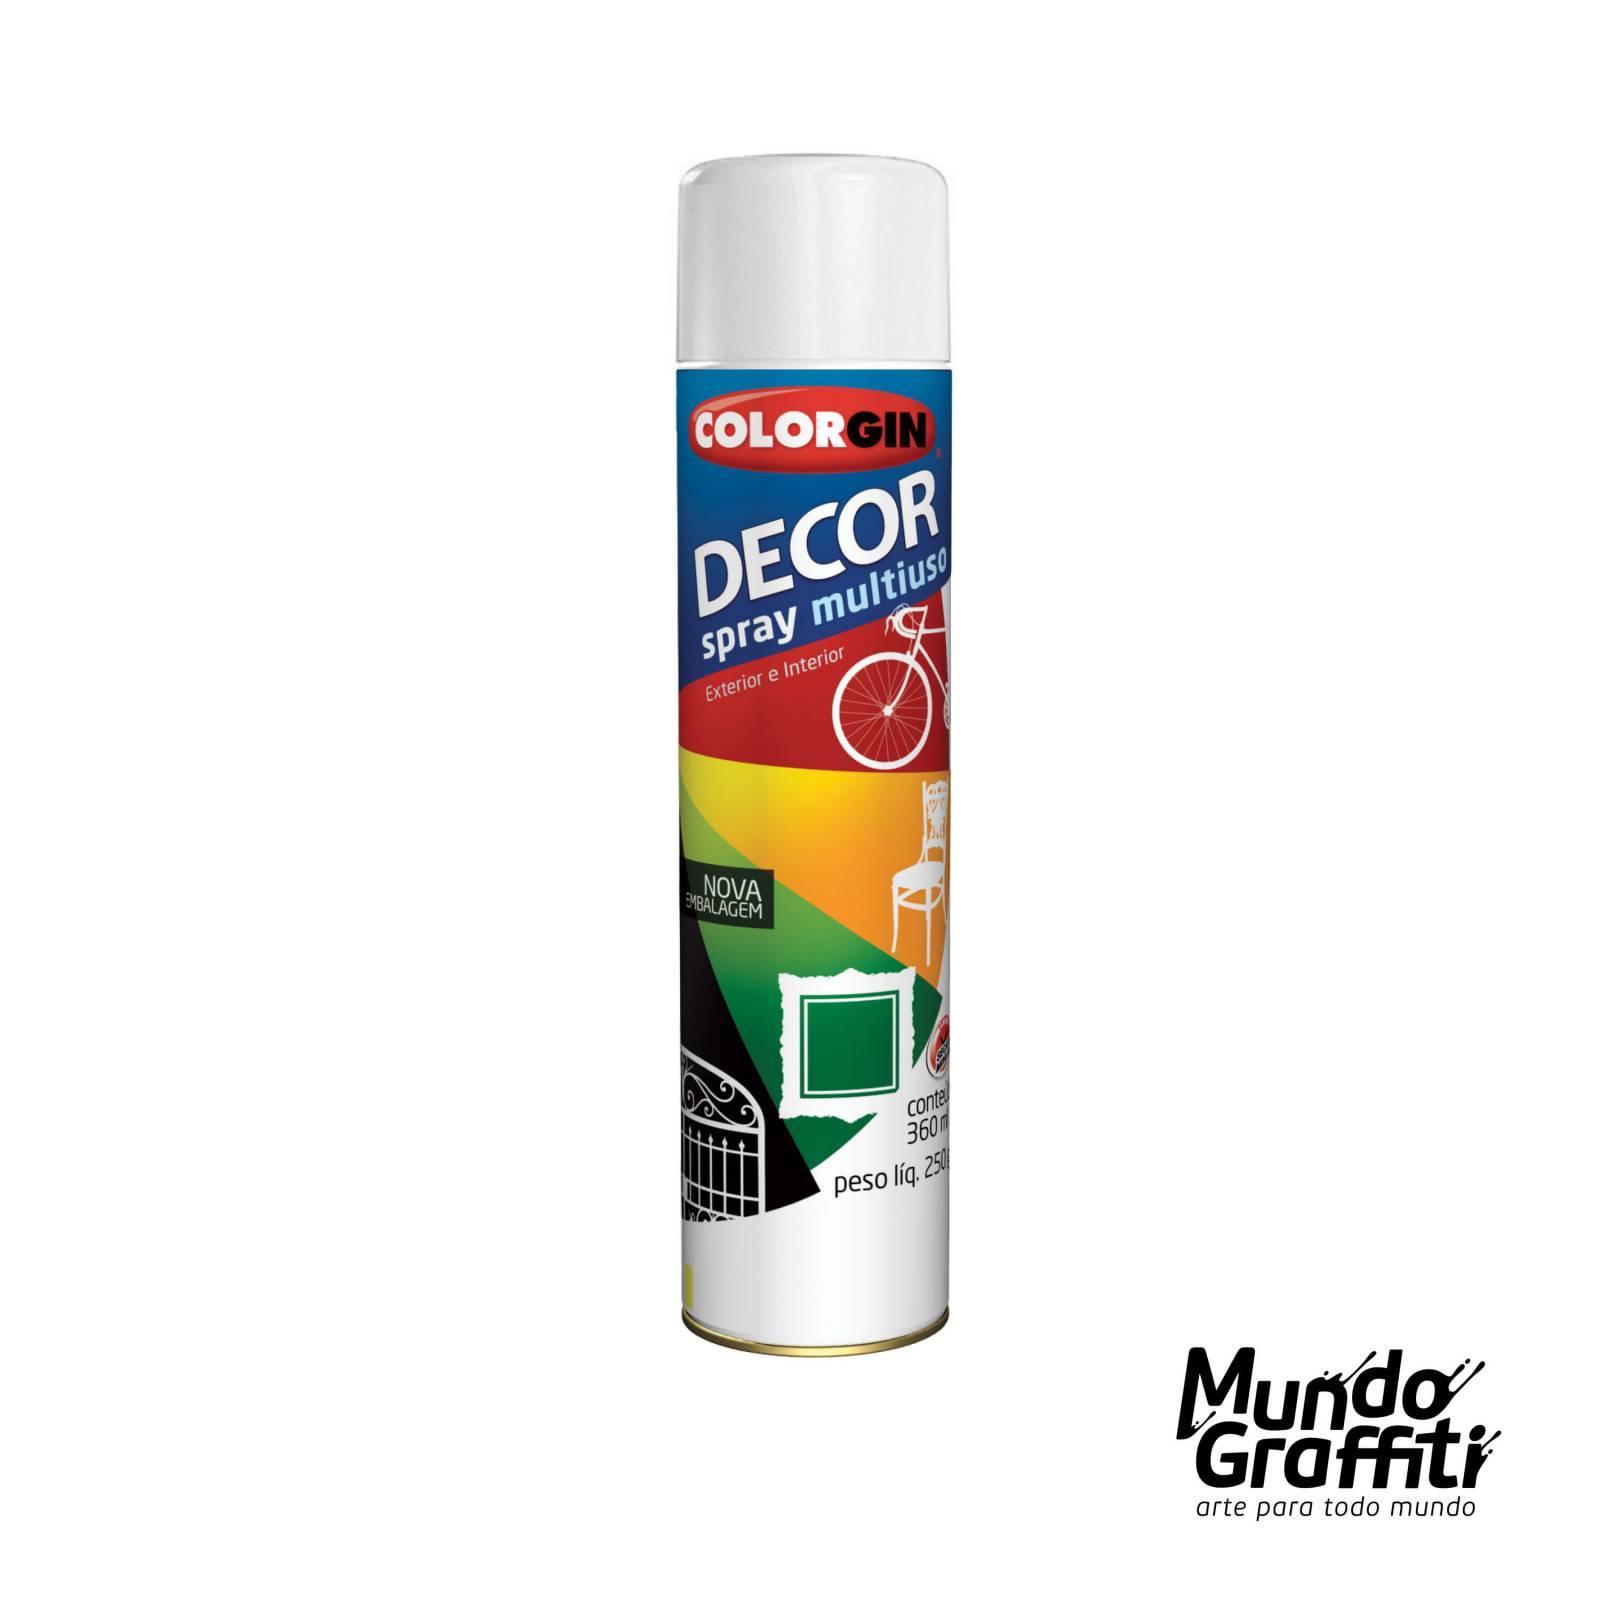 Tinta Spray Colorgin Decor 8841 Branco Fosco 360ml - Mundo Graffiti